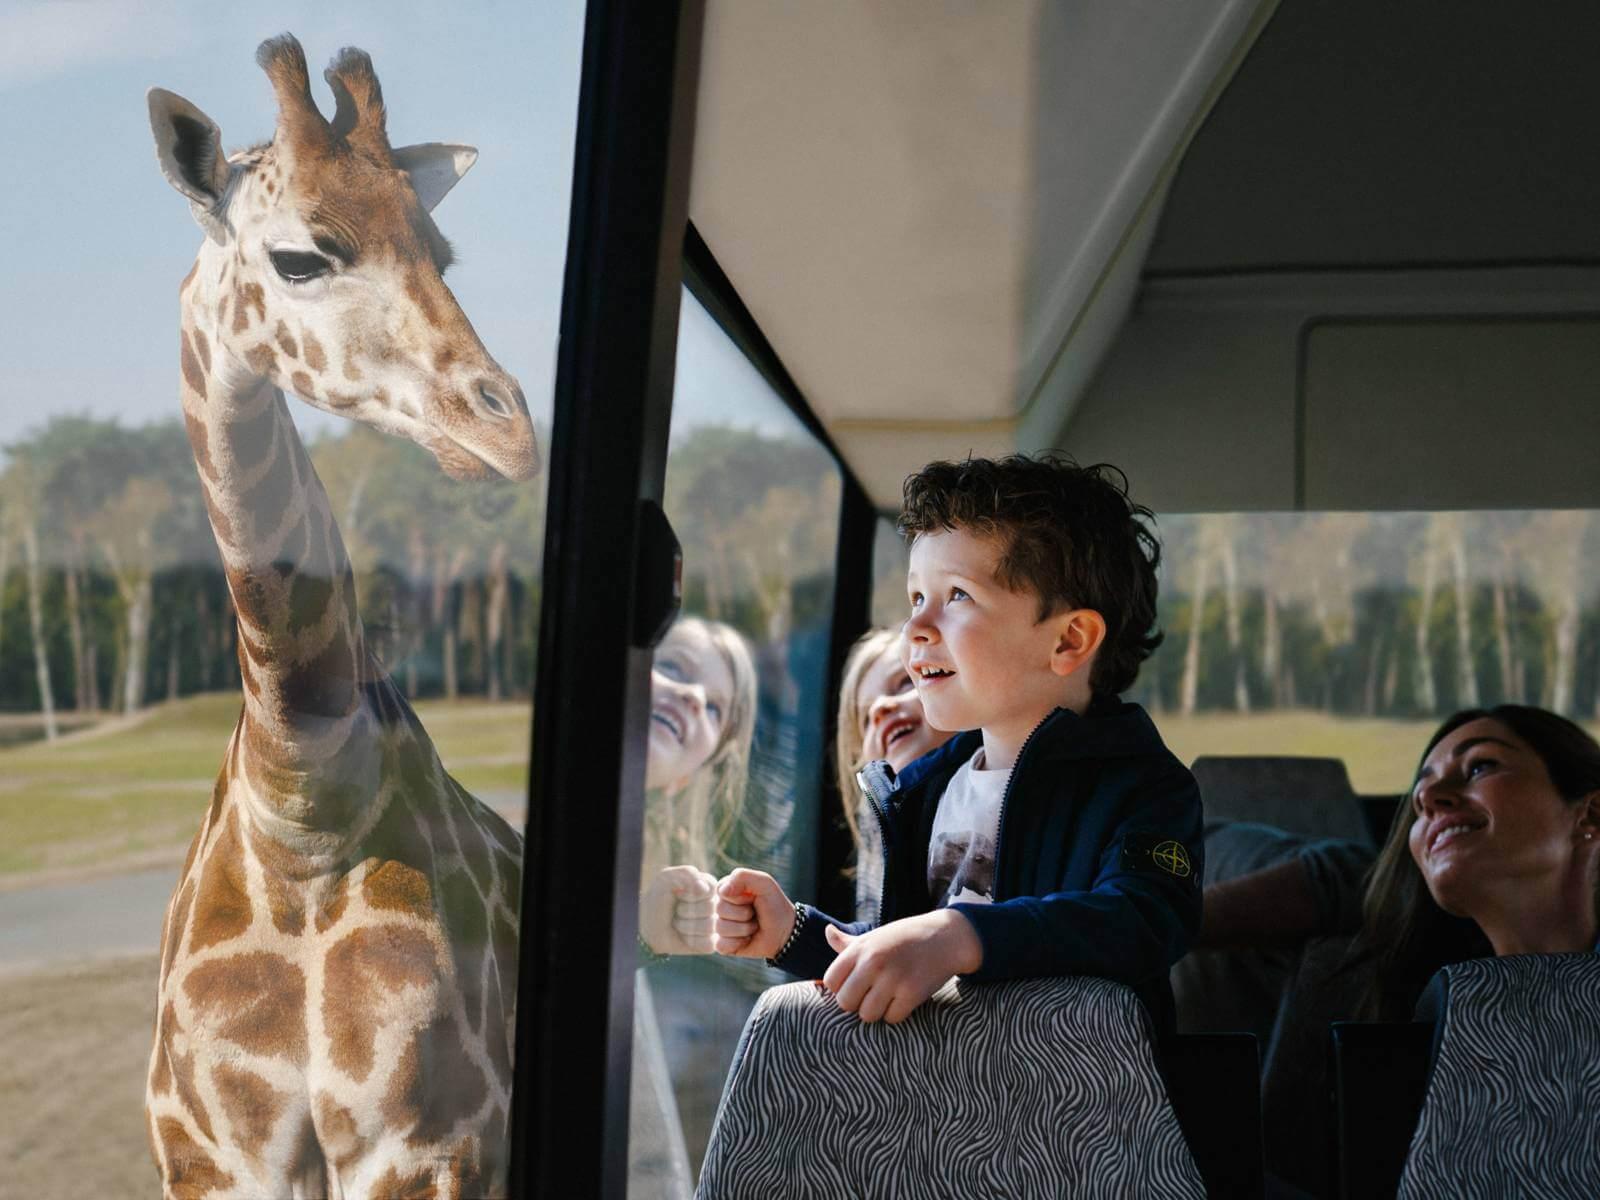 Beekse Bergen safari met de bus en de kinderen